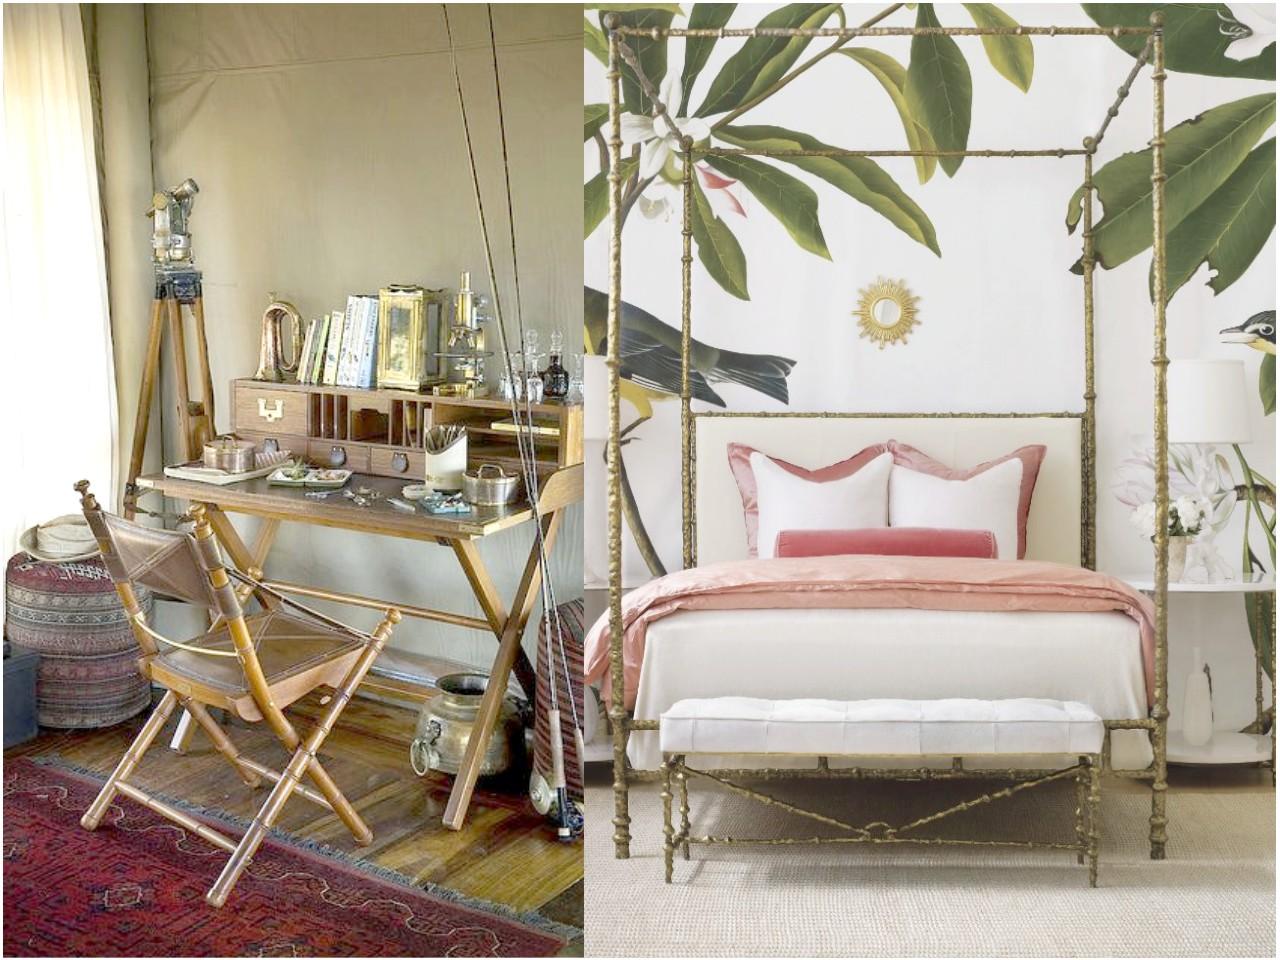 Dormitorios de estilo colonial a tu alcance en 7 pasos - Salones estilo colonial ...